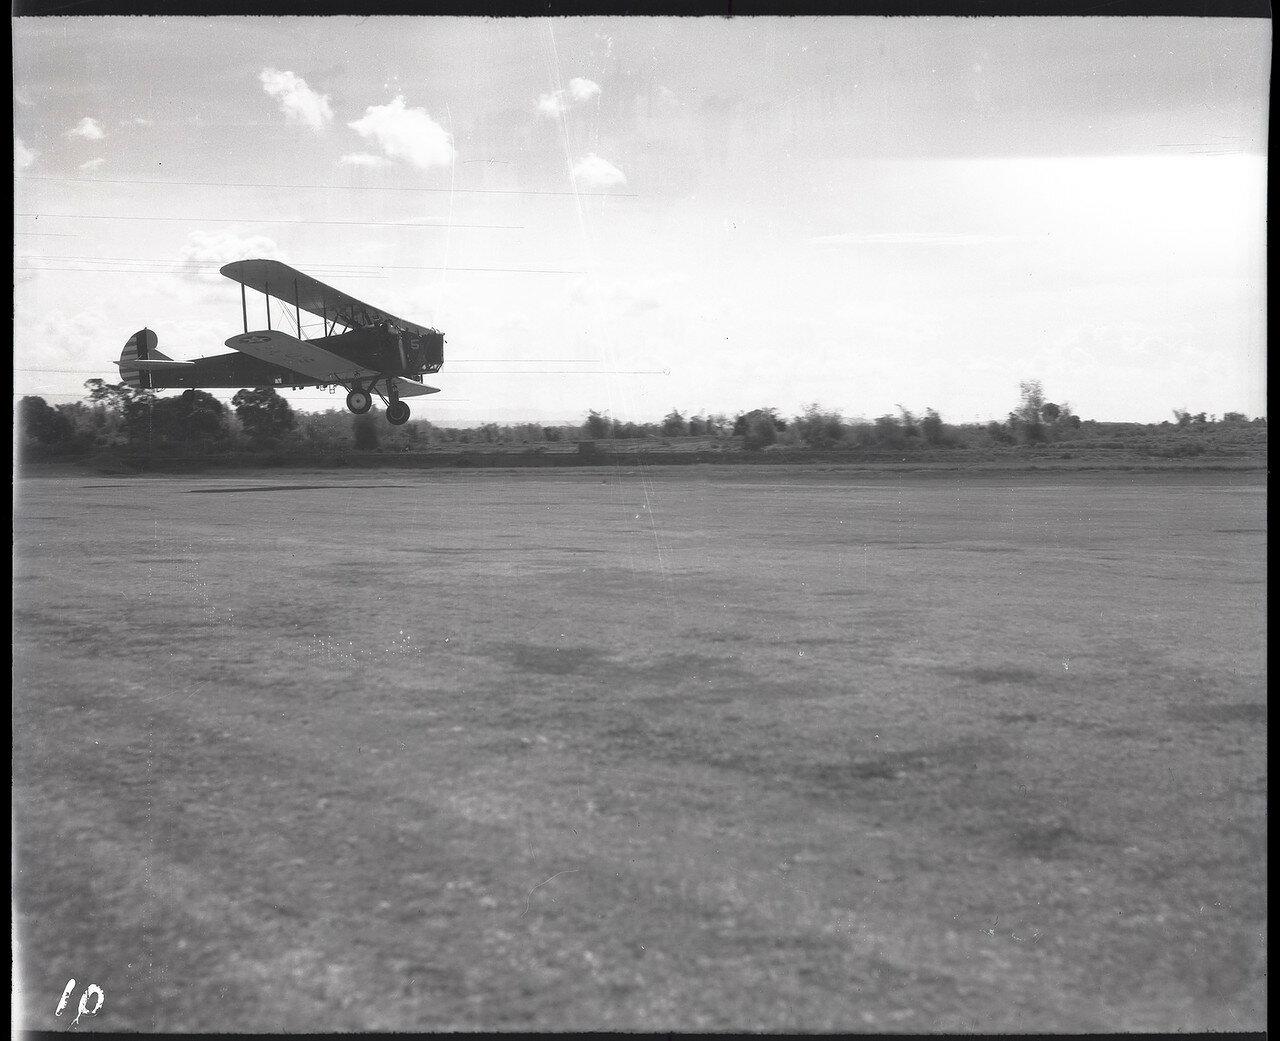 10. Бомбардировщик  B-3A  приземляется на филиппинском аэродроме Николс Филд